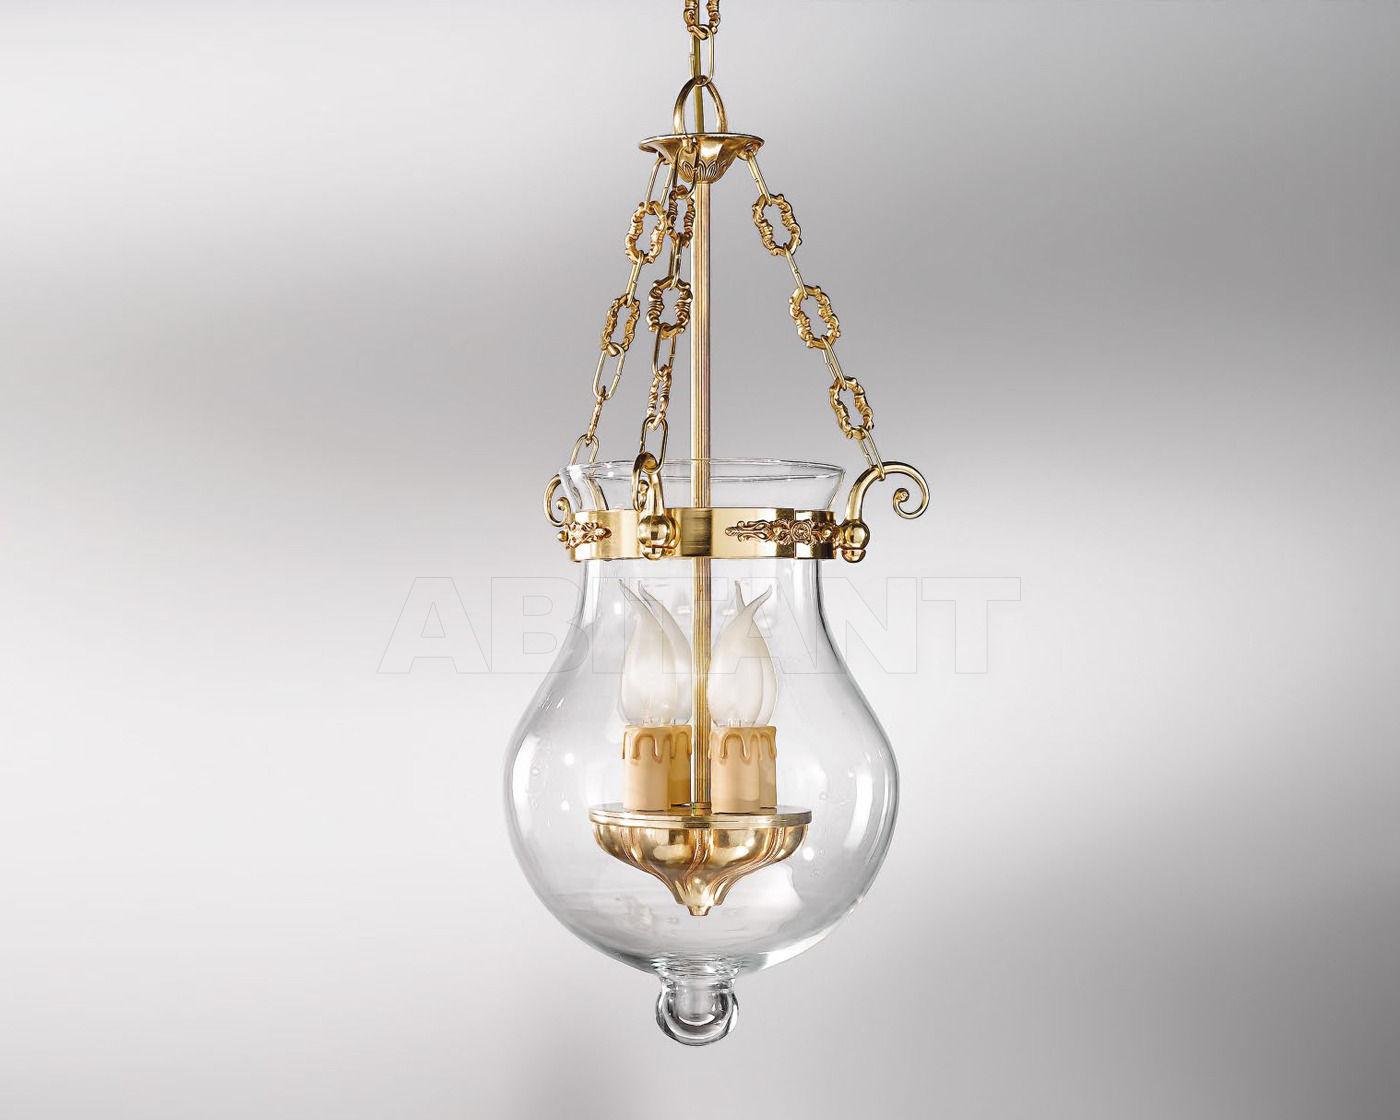 Купить Светильник Nervilamp Snc Nervilamp 2013 L05/4